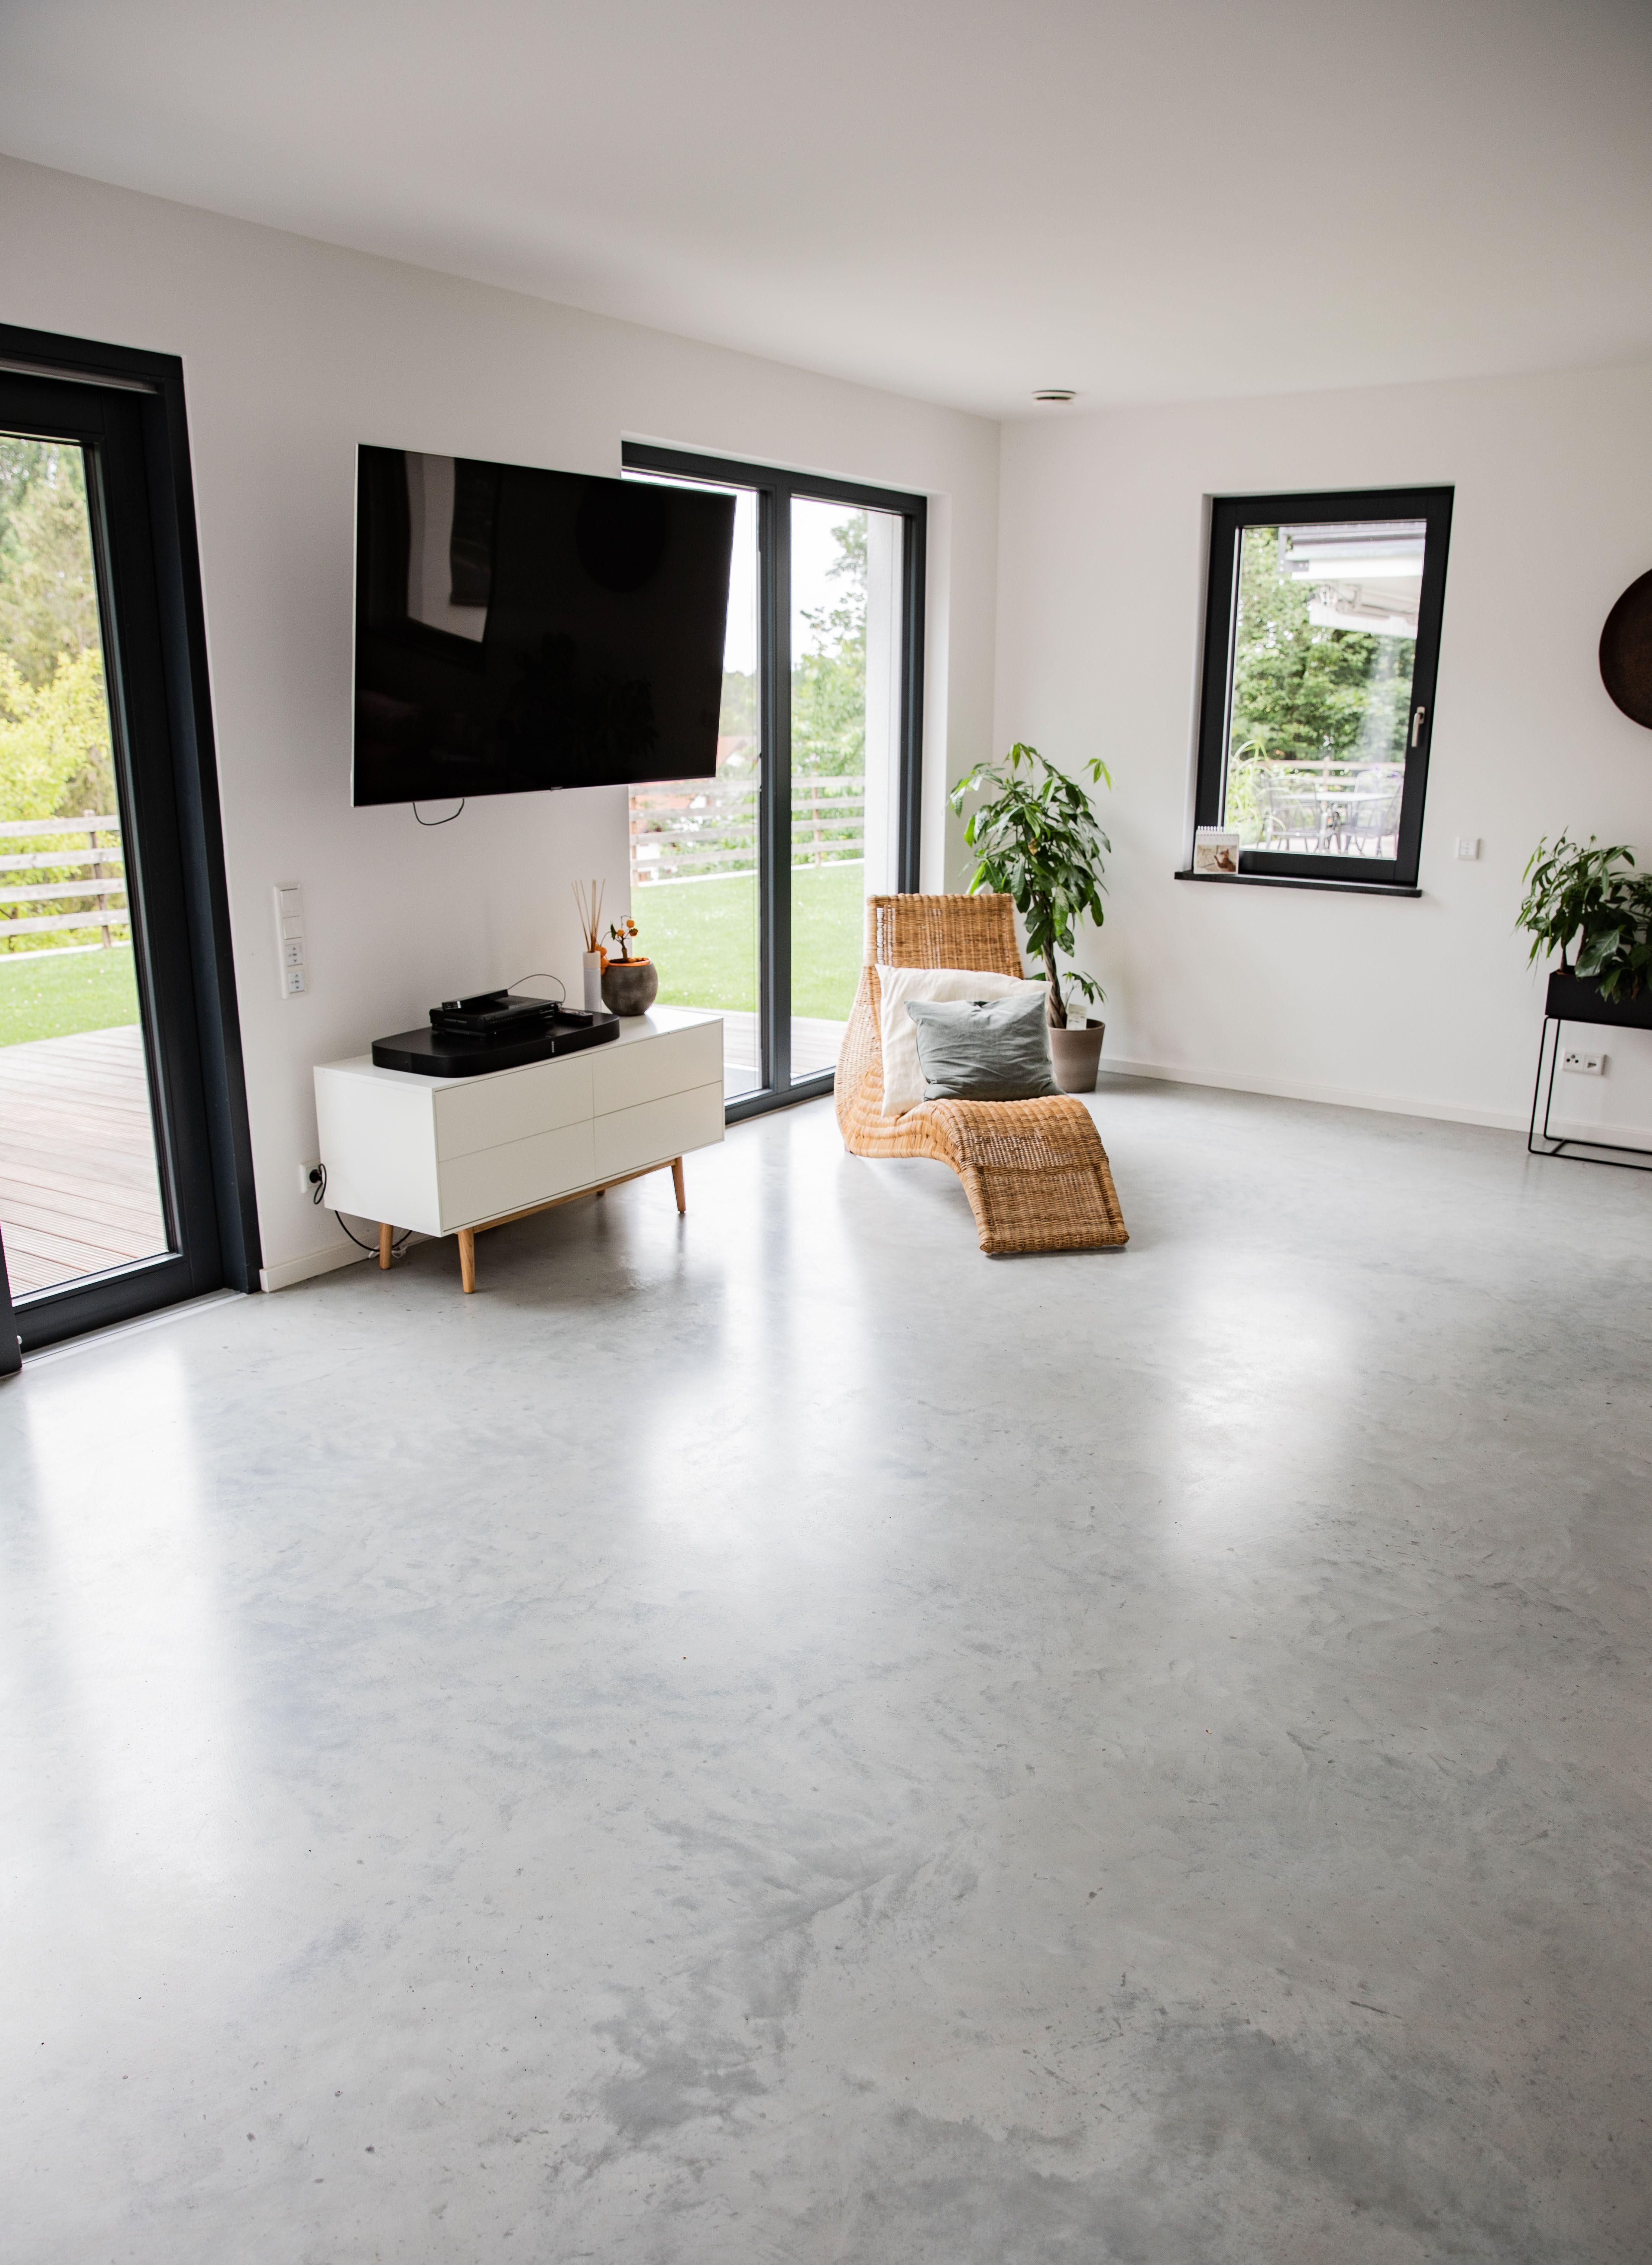 Wohnzimmer Sichtestrich Betonboden Designboden  Sichtestrich